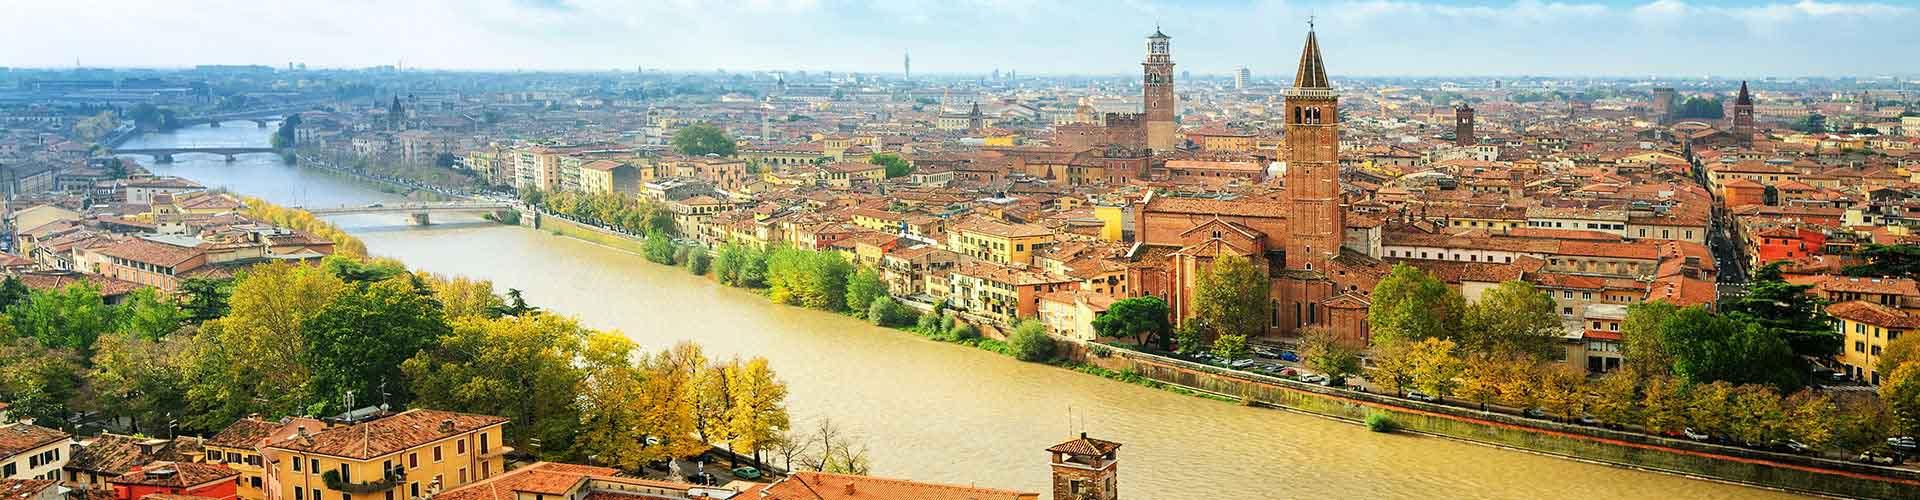 Verona - Hoteles baratos en Verona. Mapas de Verona, Fotos y comentarios de cada Hotel en Verona.